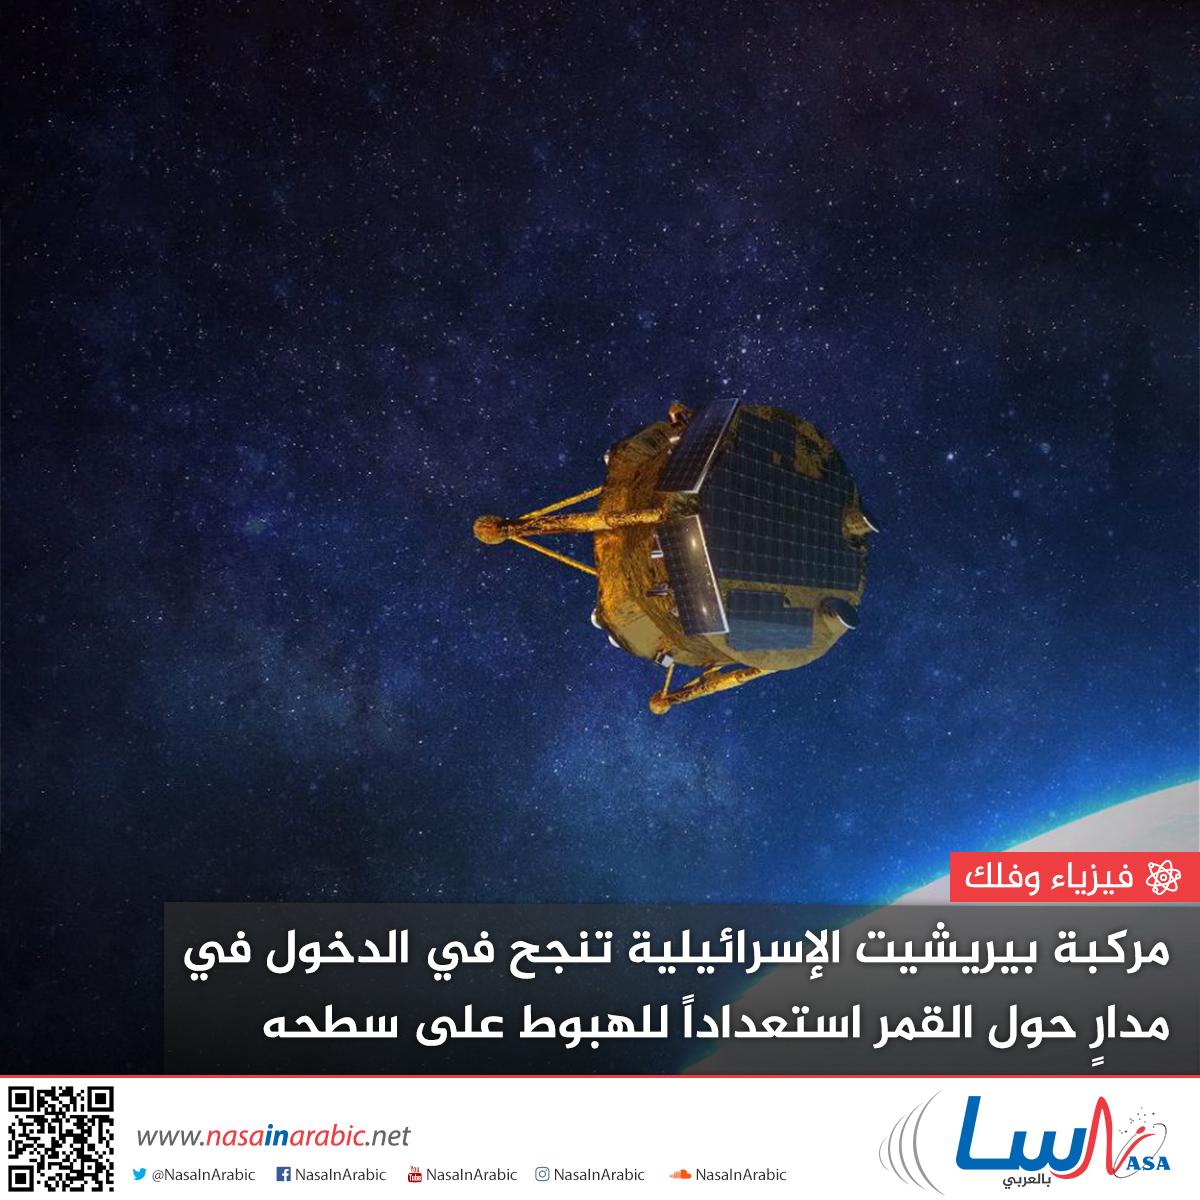 مركبة بيريشيت الإسرائيلية تنجح في الدخول في مدارٍ حول القمر استعداداً للهبوط على سطحه يوم الخميس 11 أبريل/نيسان